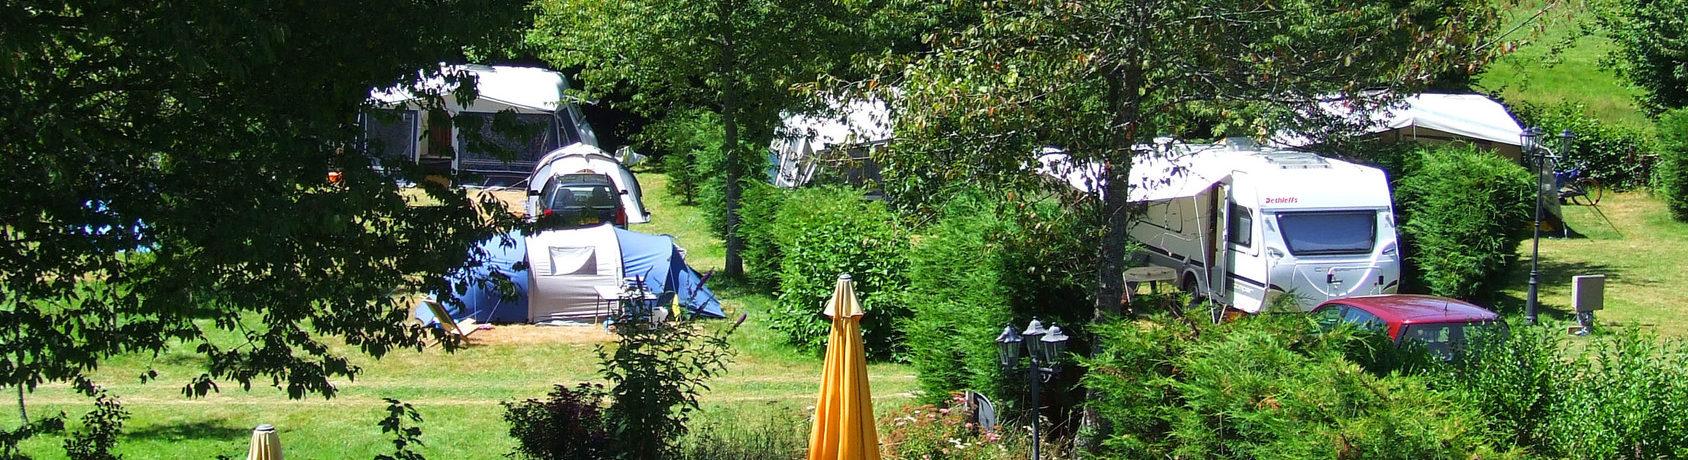 Camping Le Soustran is een echte familiecamping naast een mooi groot recreatiemeer in het departement de Corrèze in de voormalige regio Limousin.